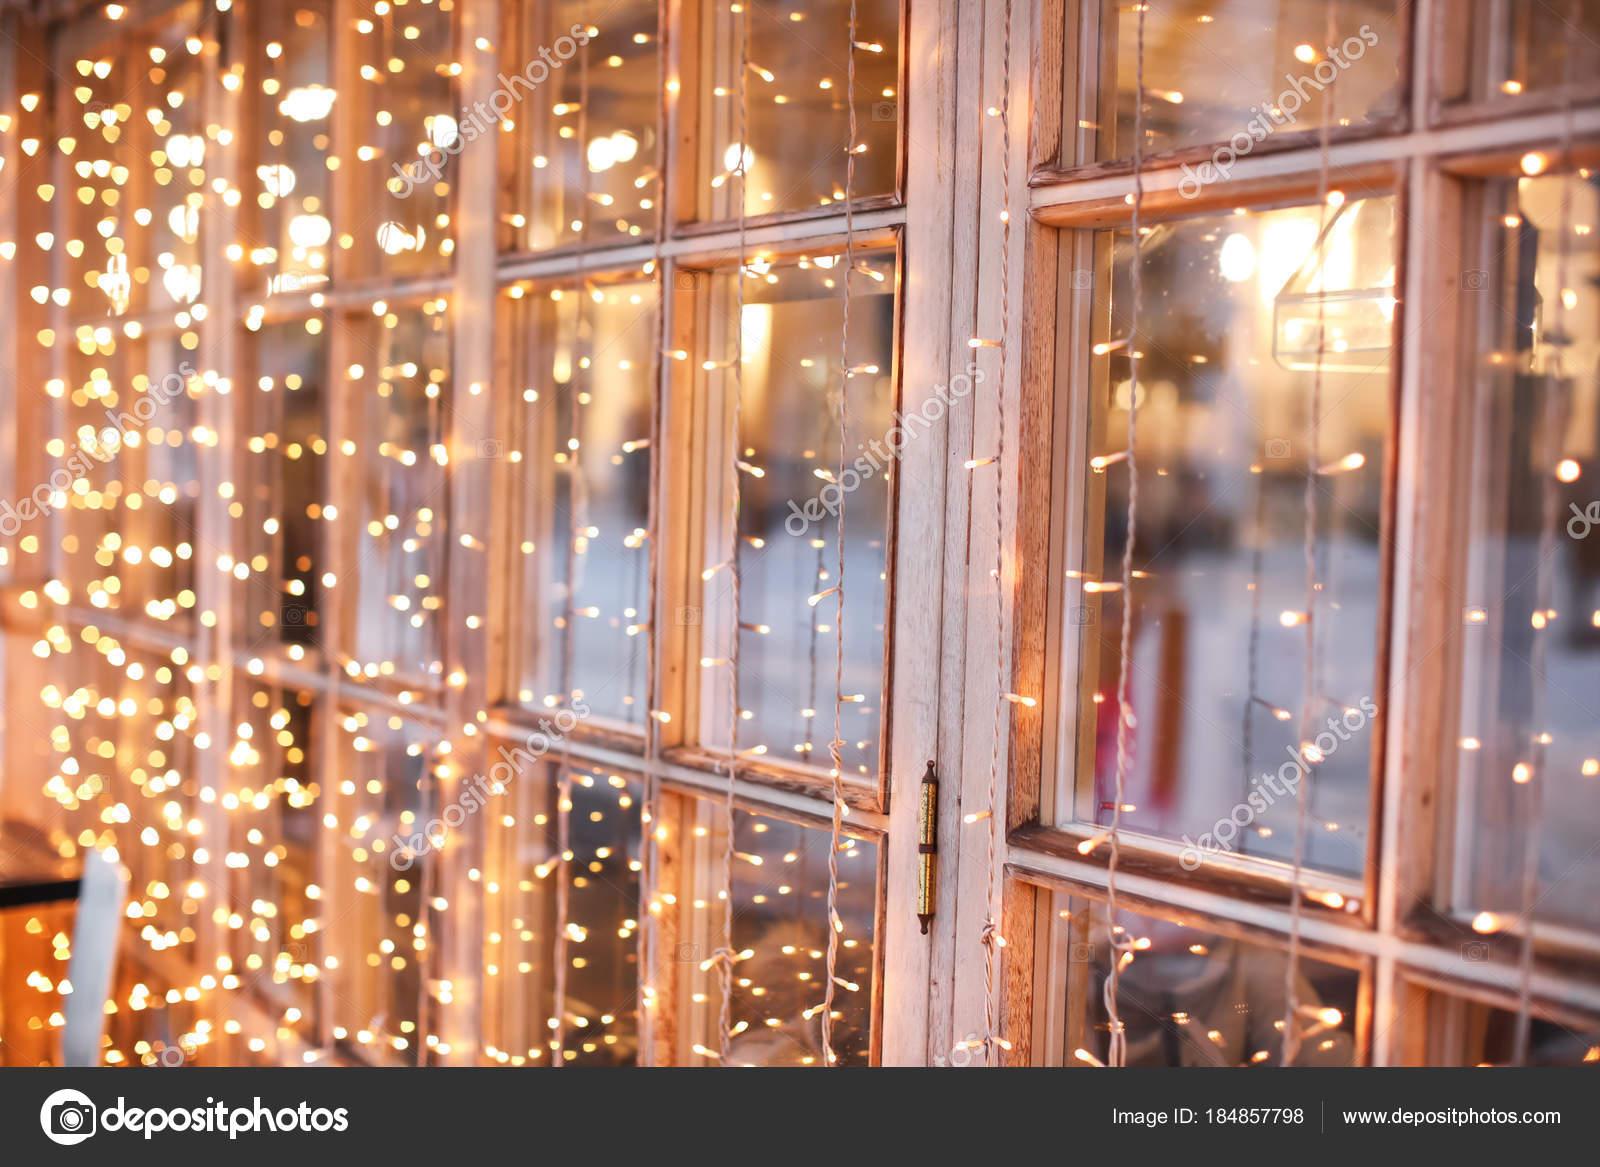 Weihnachtsbeleuchtung Dachfenster.Wunderschöne Weihnachtsbeleuchtung Am Fenster Nahaufnahme